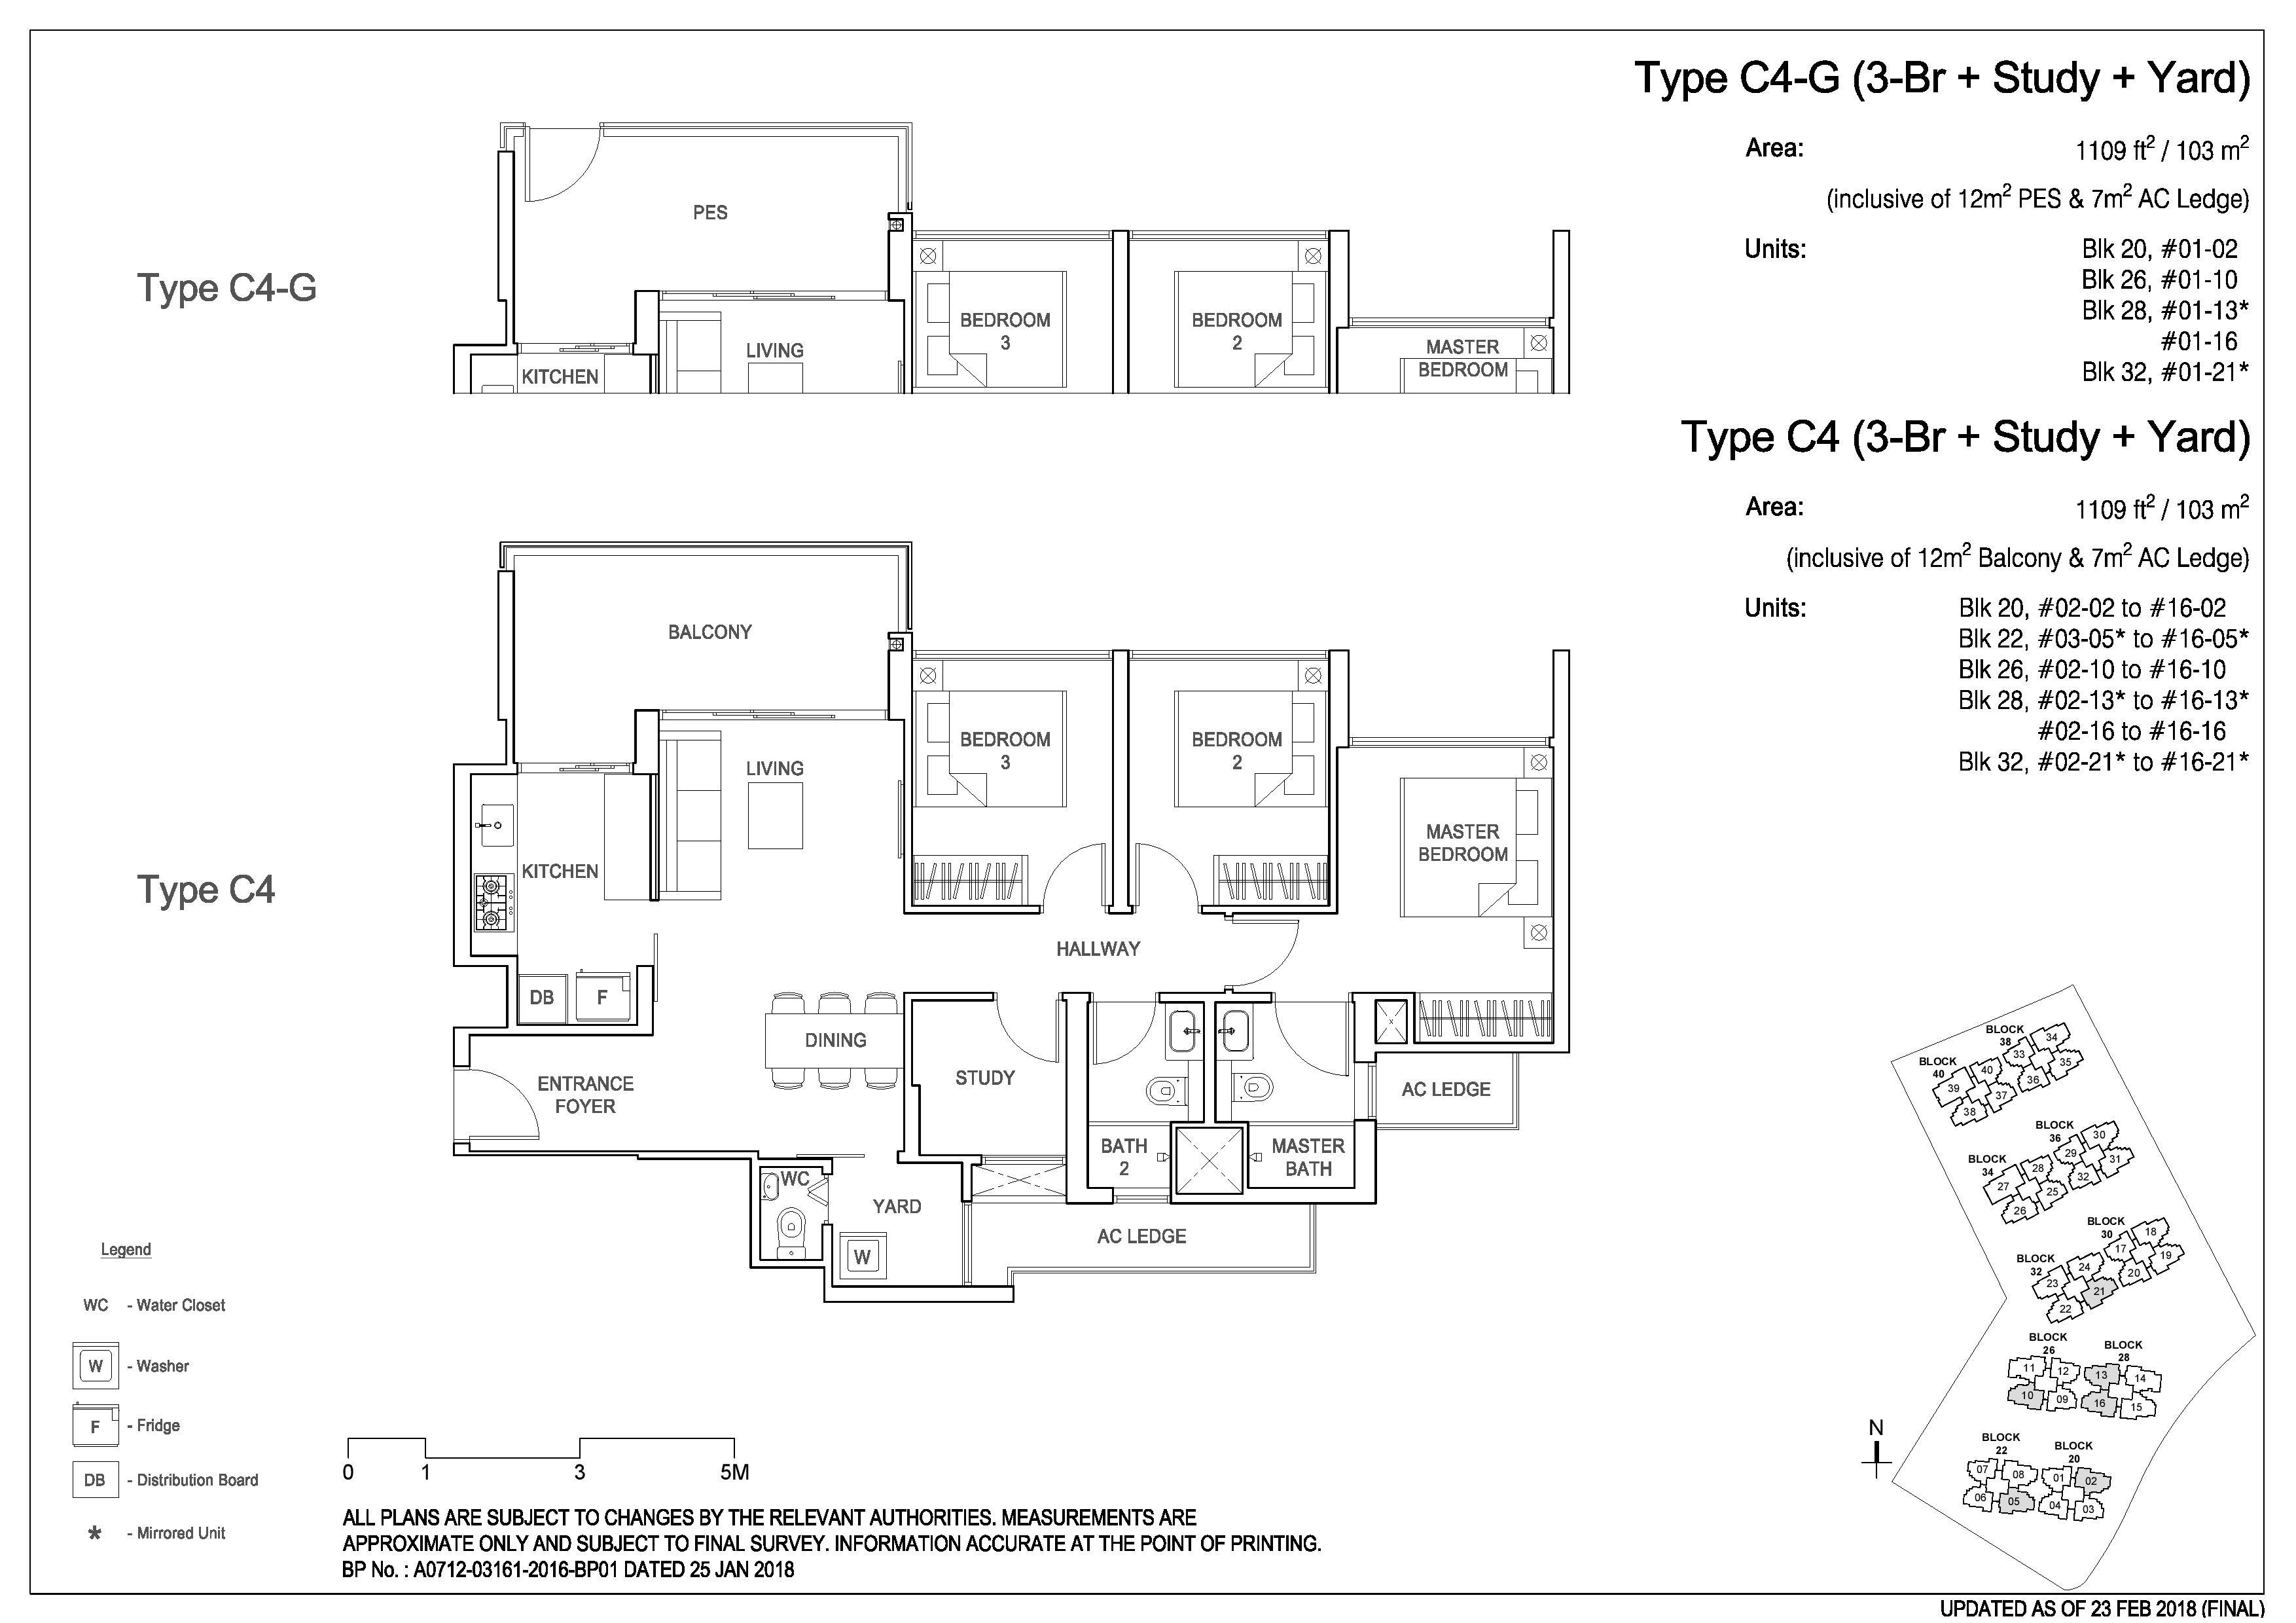 Rivercove 3 bedroom floor plan study yard